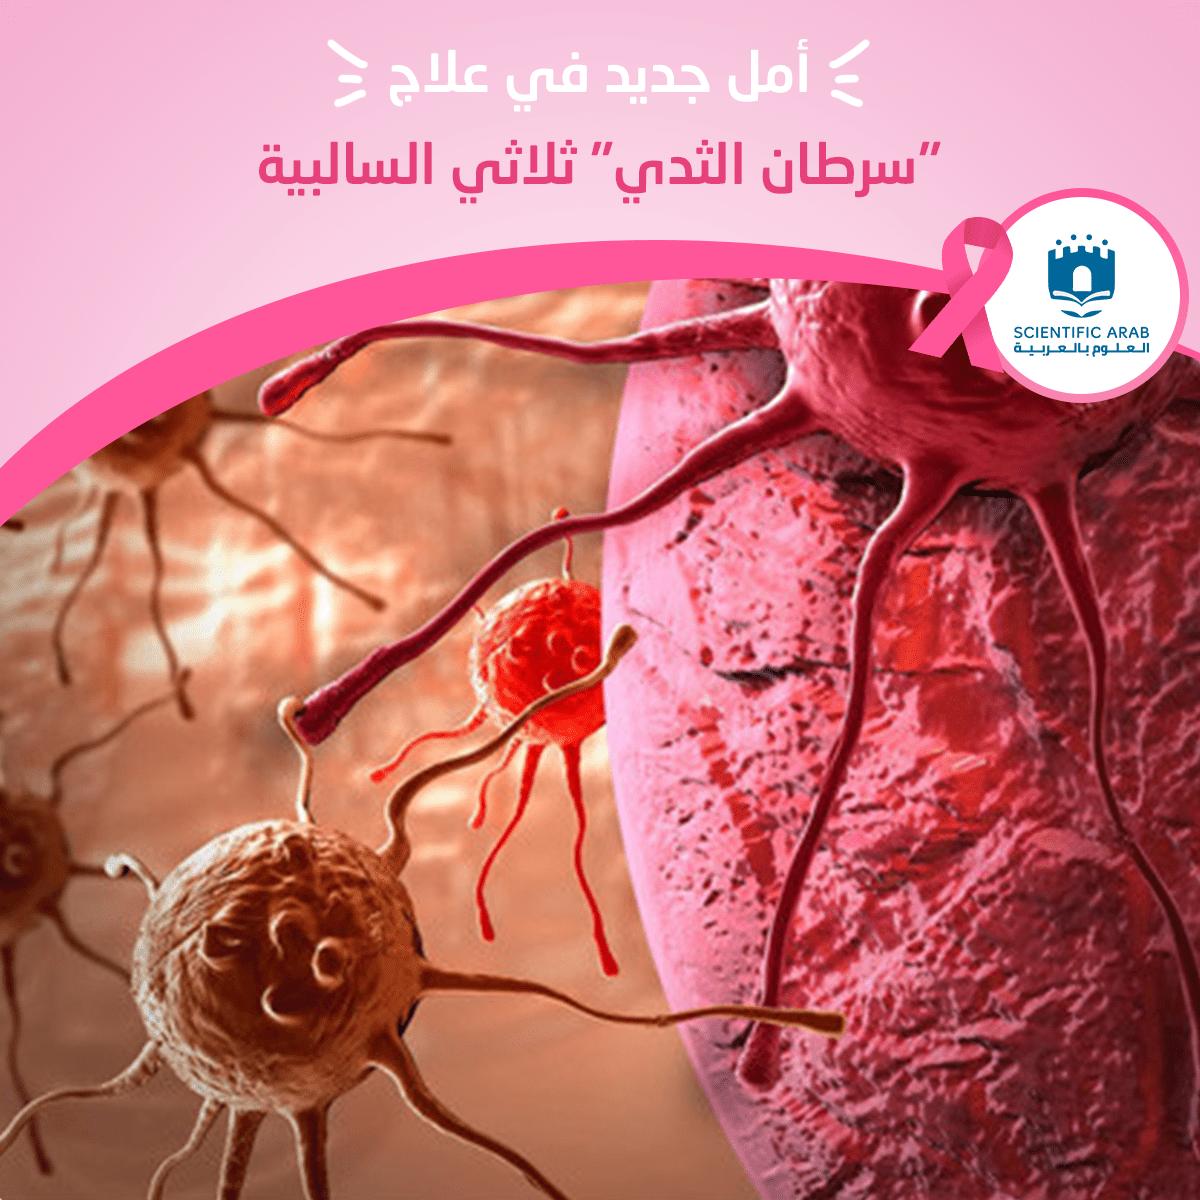 سرطان الثدي, السرطان